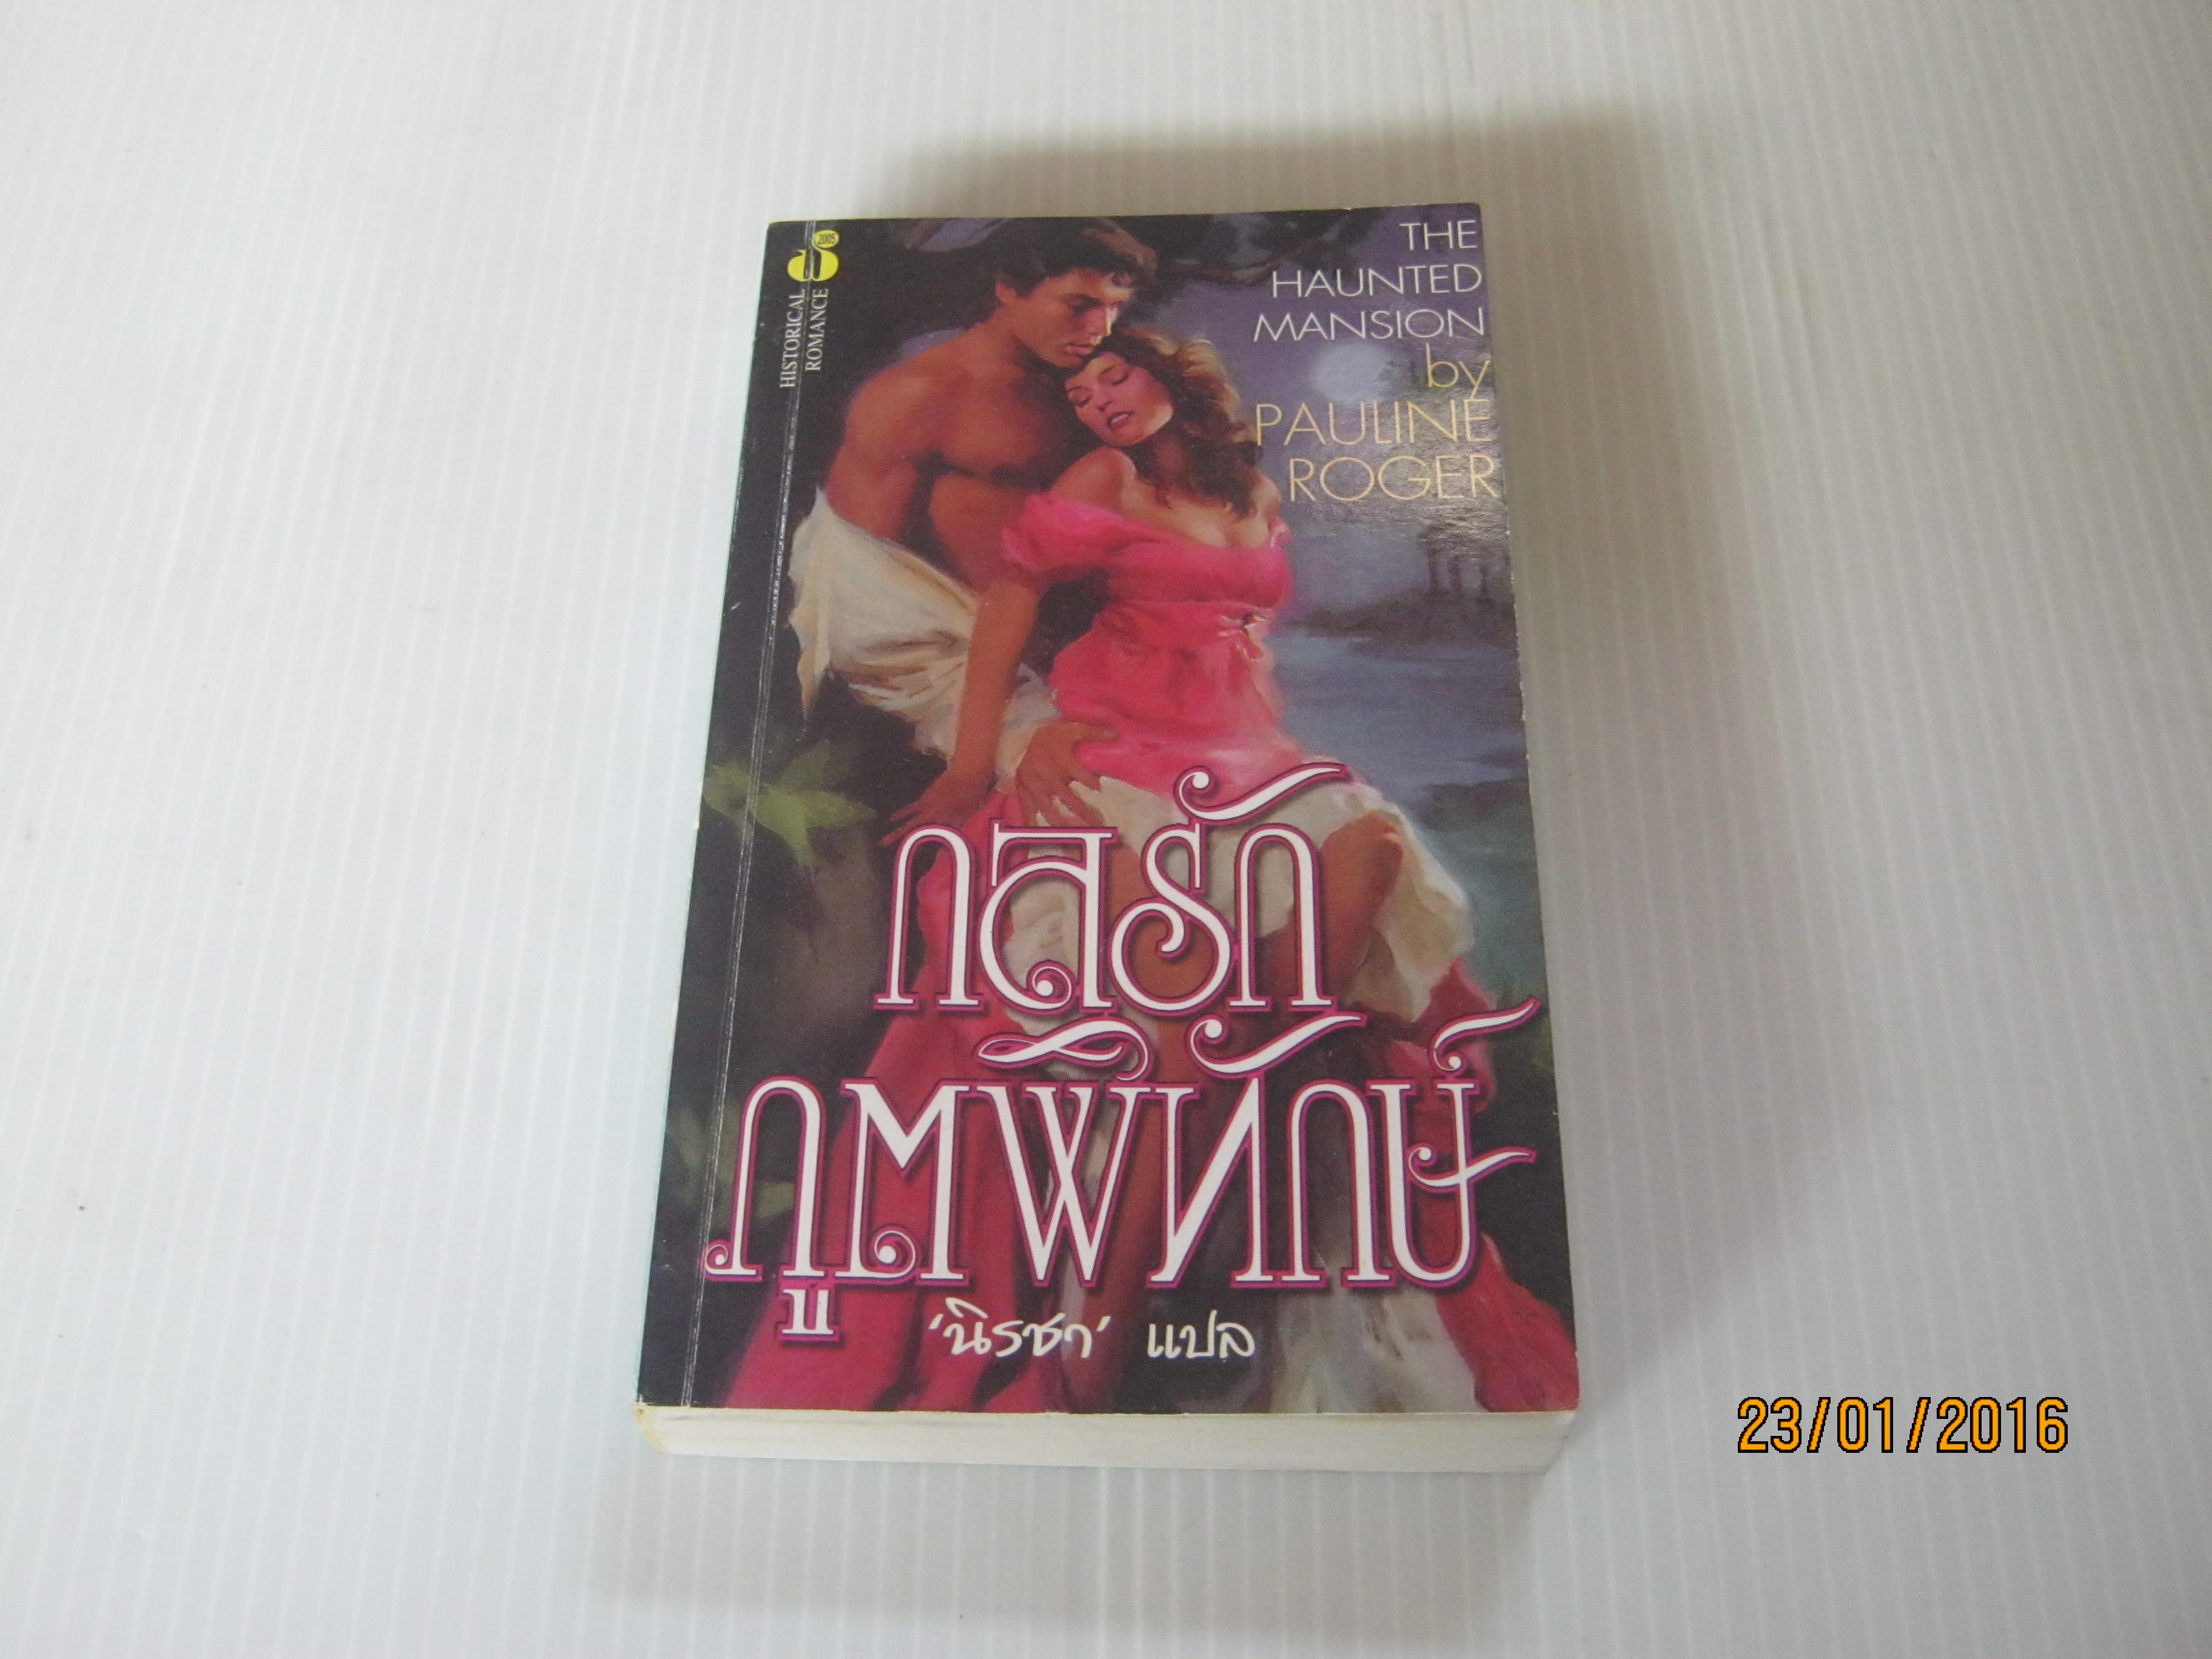 กลรักภูตพิทักษ์ (The Haunted Mansion) Pauline Roger เขียน นิรชา แปล